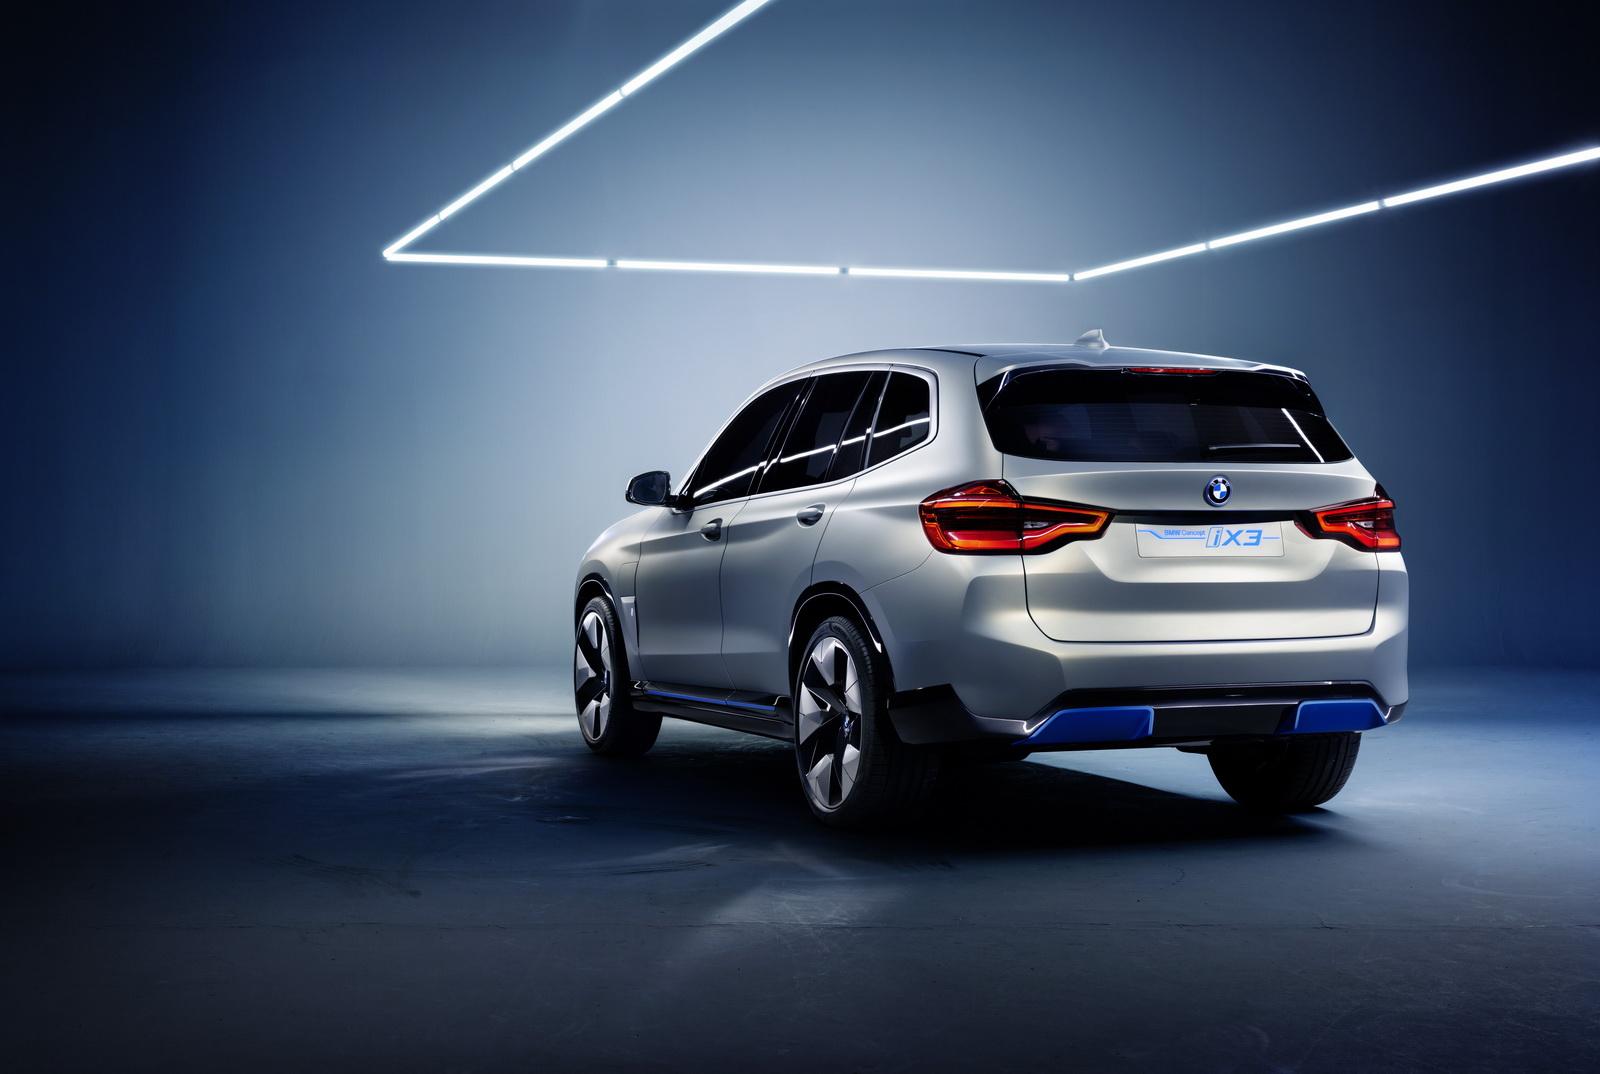 เผยโฉม BMW Concept iX3 พลังงานไฟฟ้า 100% ก่อนขายจริงปี ...